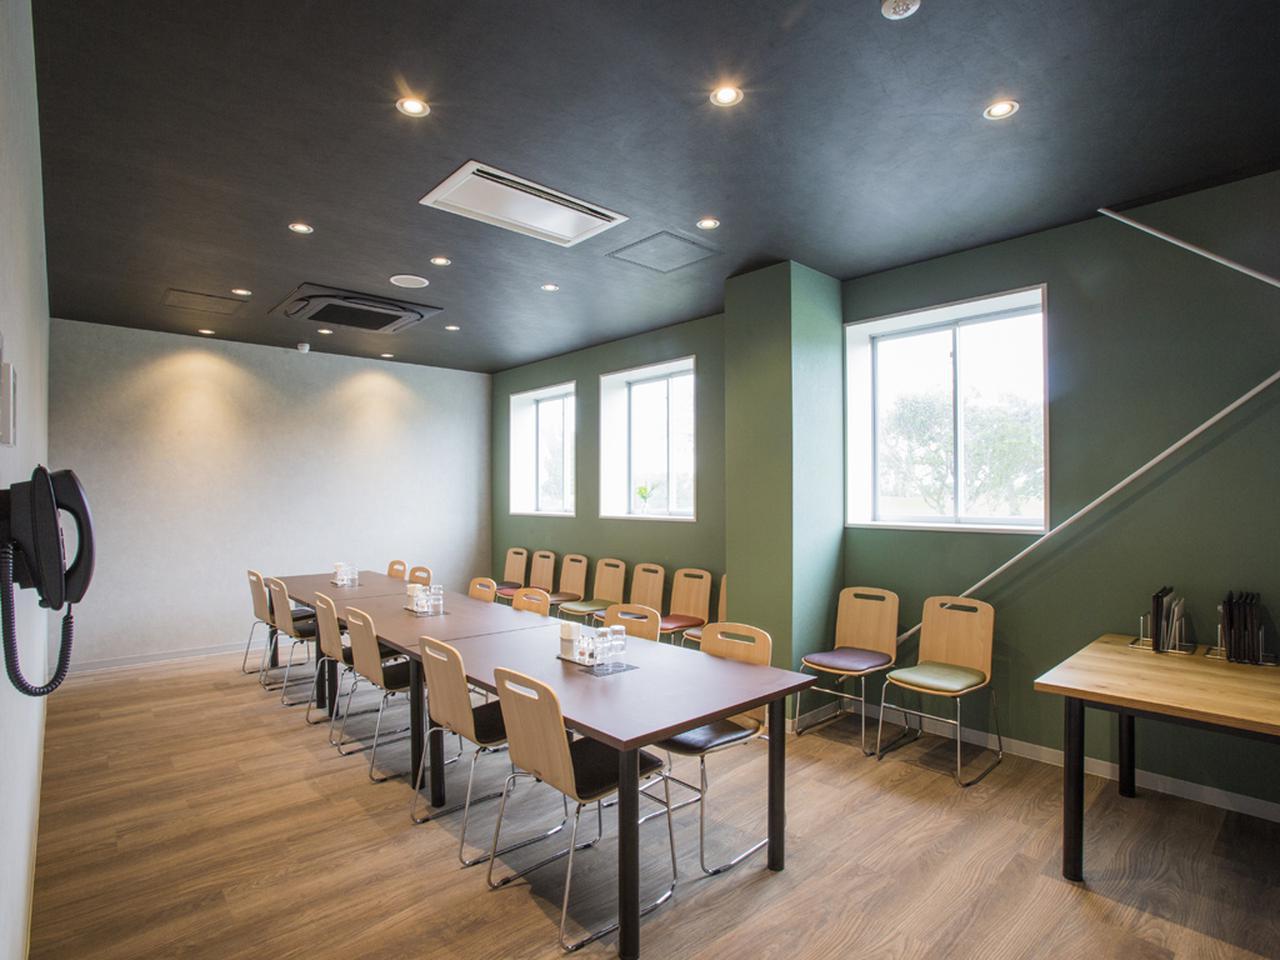 画像: コンペルーム① レストラン奥に2つコンペルームが並ぶ。2室24名収容